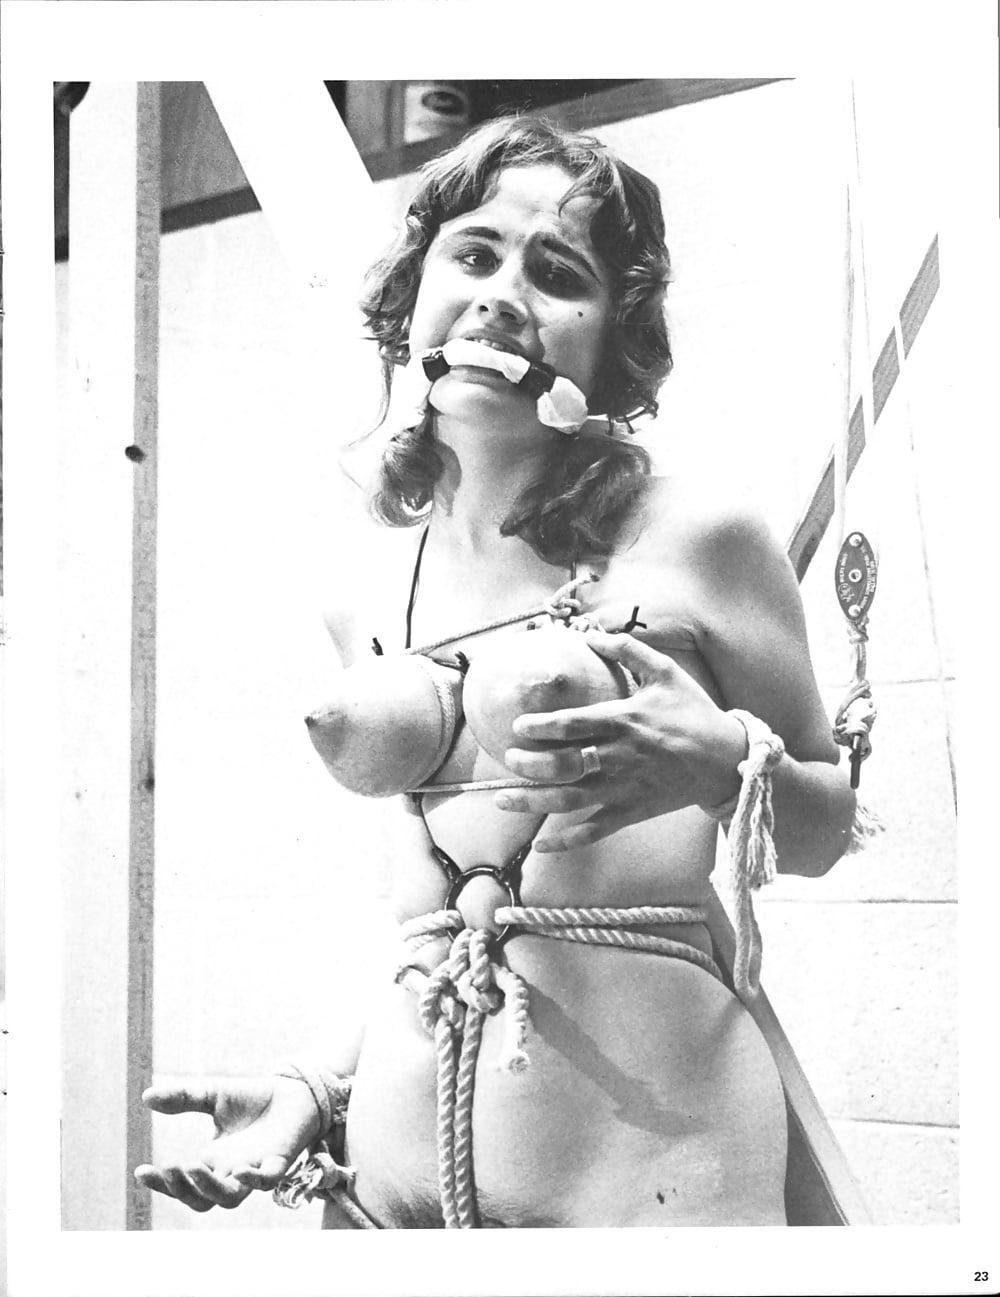 Vintage brunette bondage, sex tricks naked